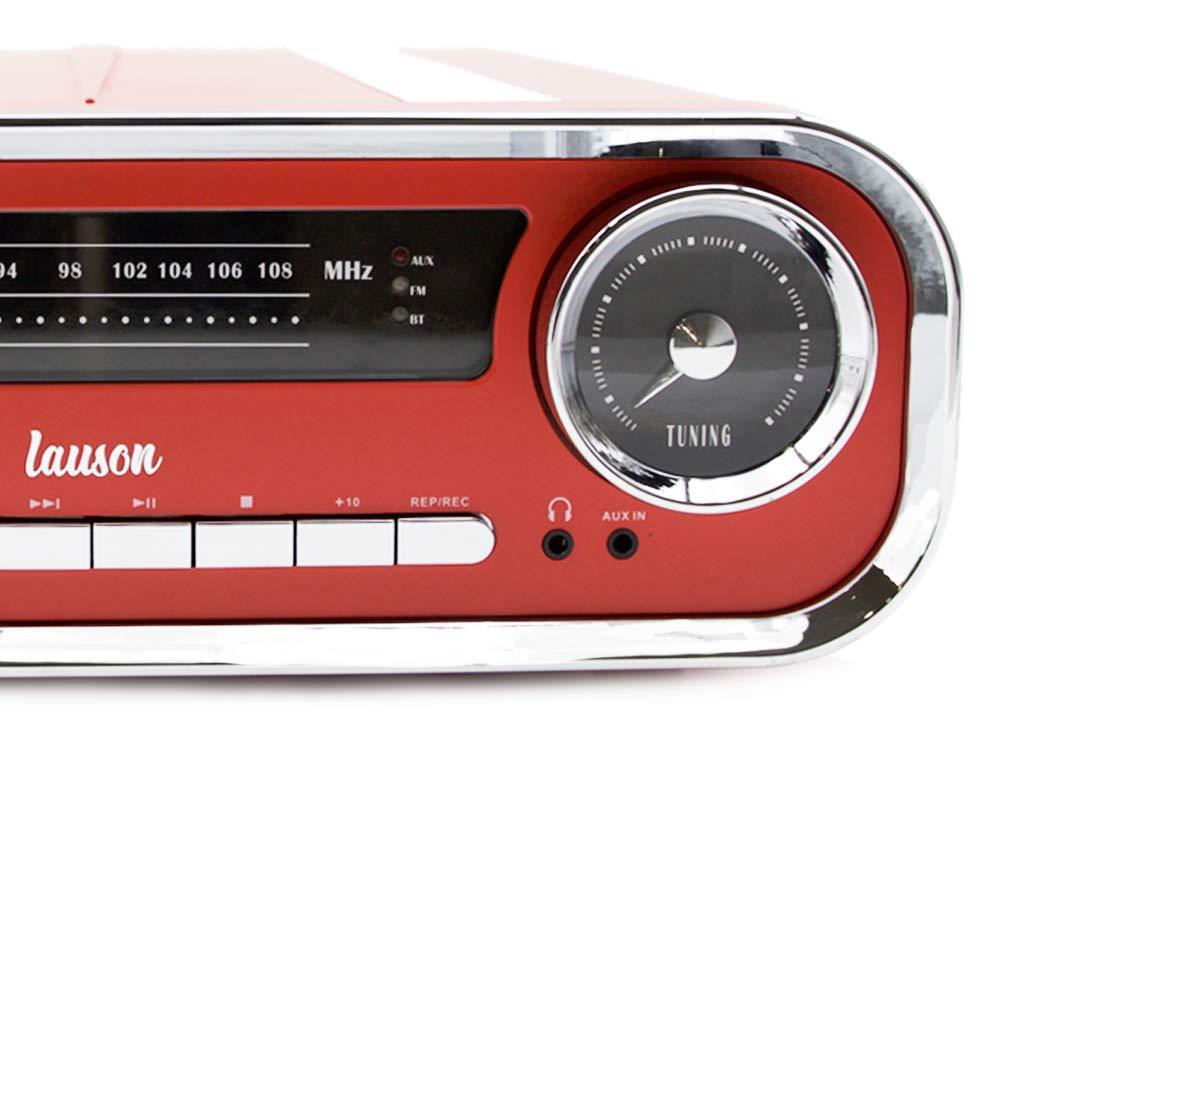 Lauson 01TT17 Tocadiscos Diseño Vintage Coche de Colección con 2 Altavoces Estéreo Integrado de 3 W | Tocadisco Vinilo con Radio FM, Función ...